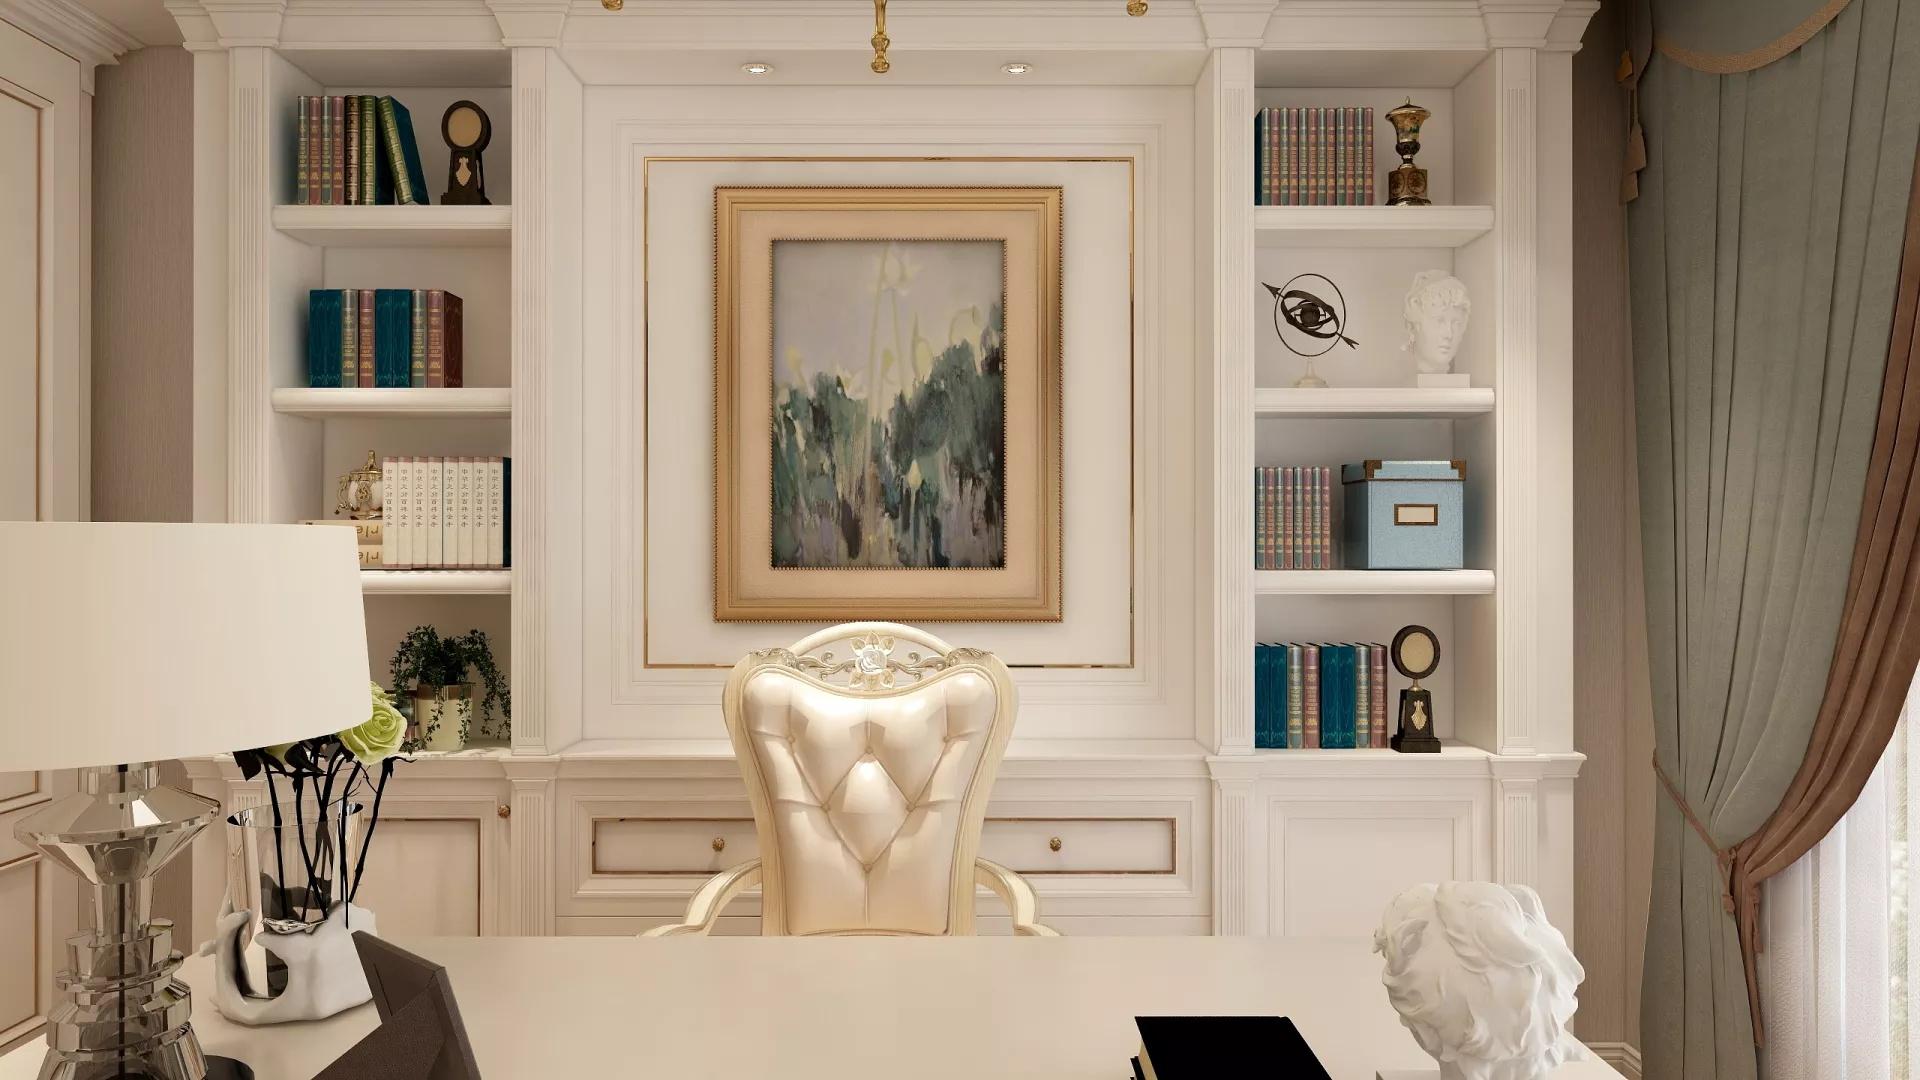 日式风格简约型客厅沙发装修效果图